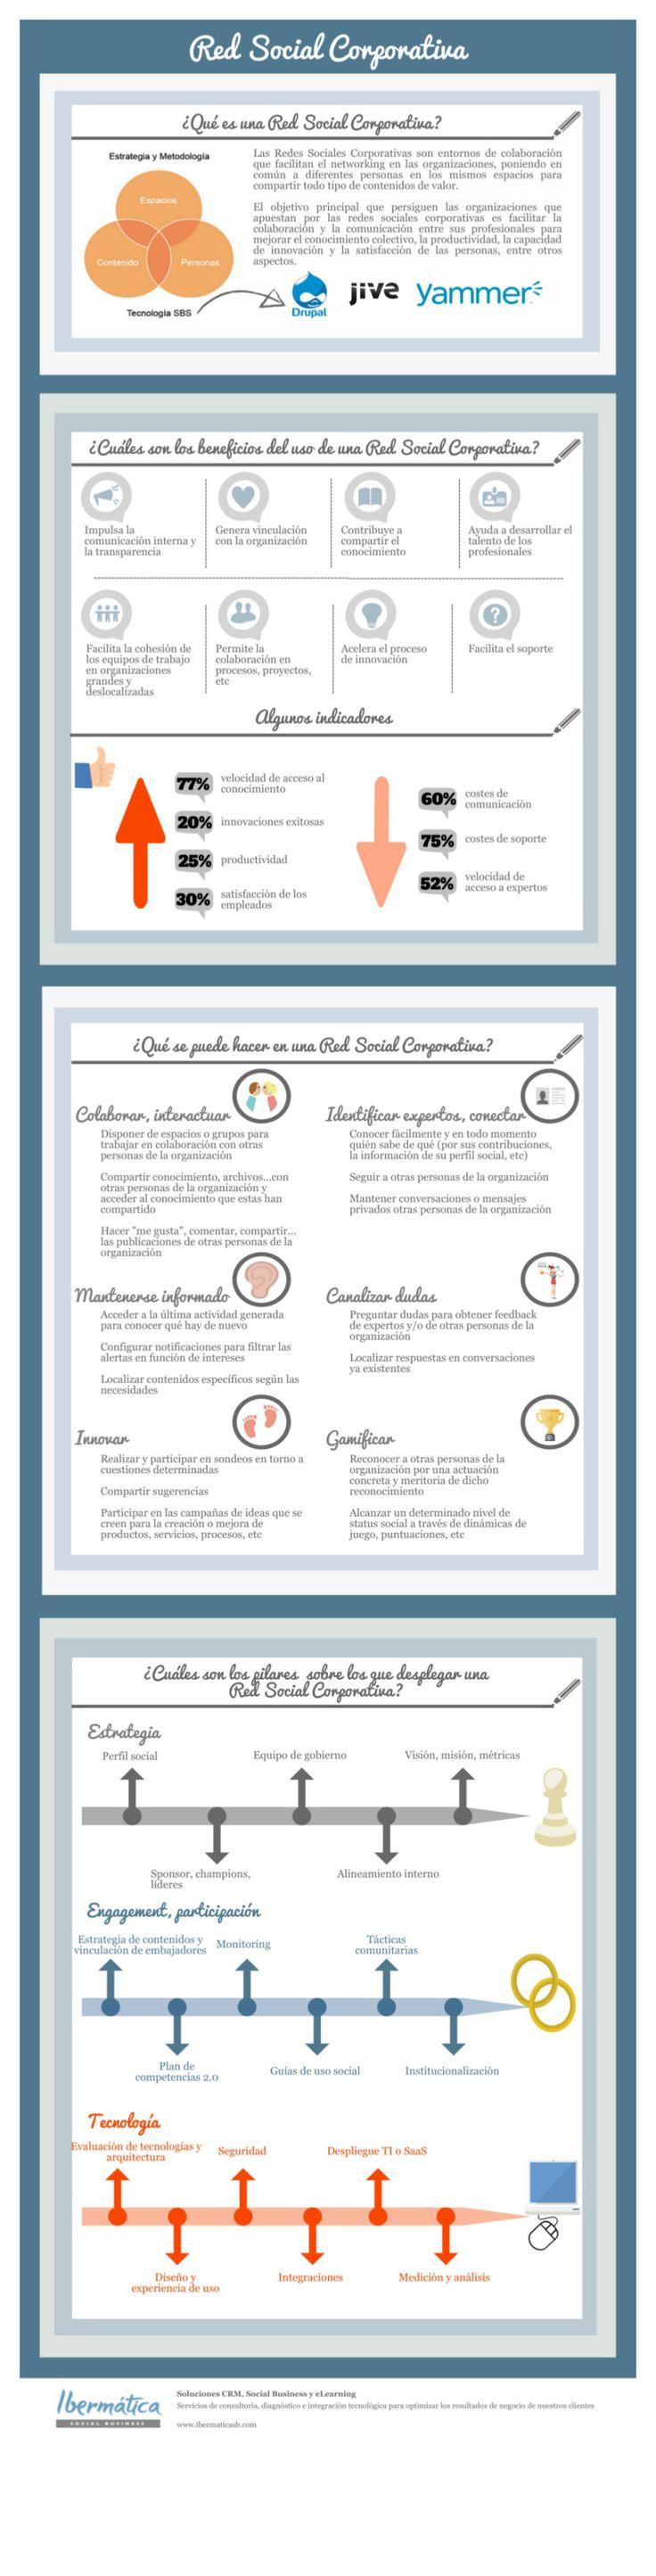 Infografía sobre las Redes Sociales corporativas http://bit.ly/1At5ZAU